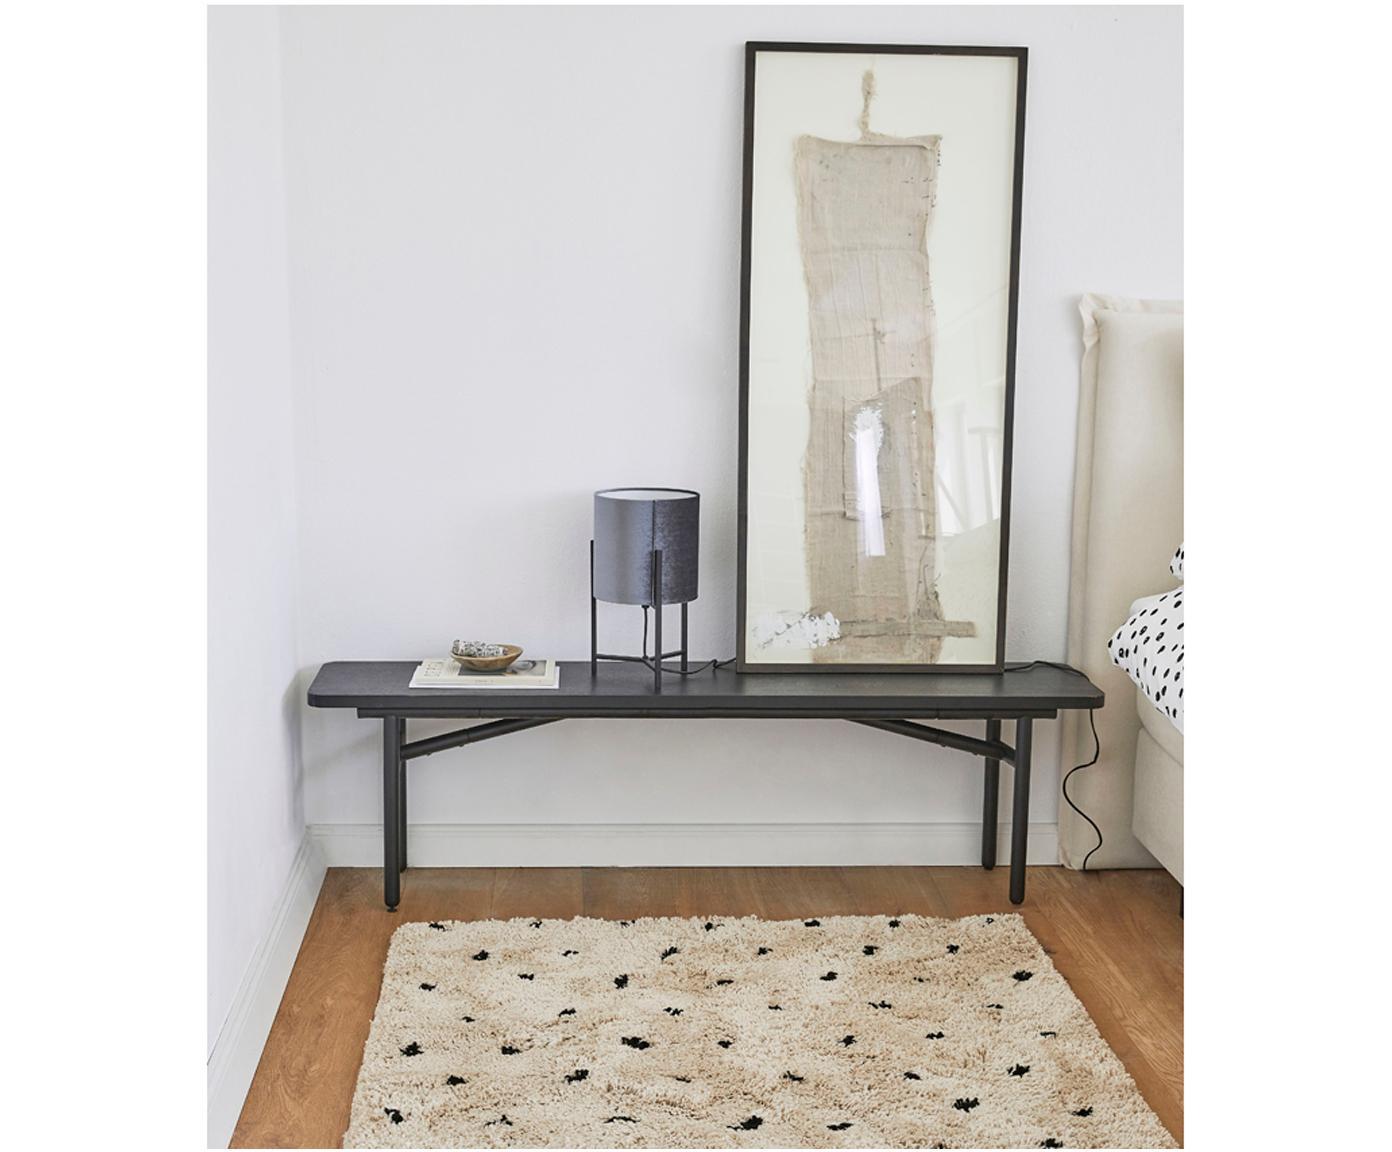 Ręcznie tuftowany dywan Ayana, Beżowy, czarny, S 160 x D 230 cm